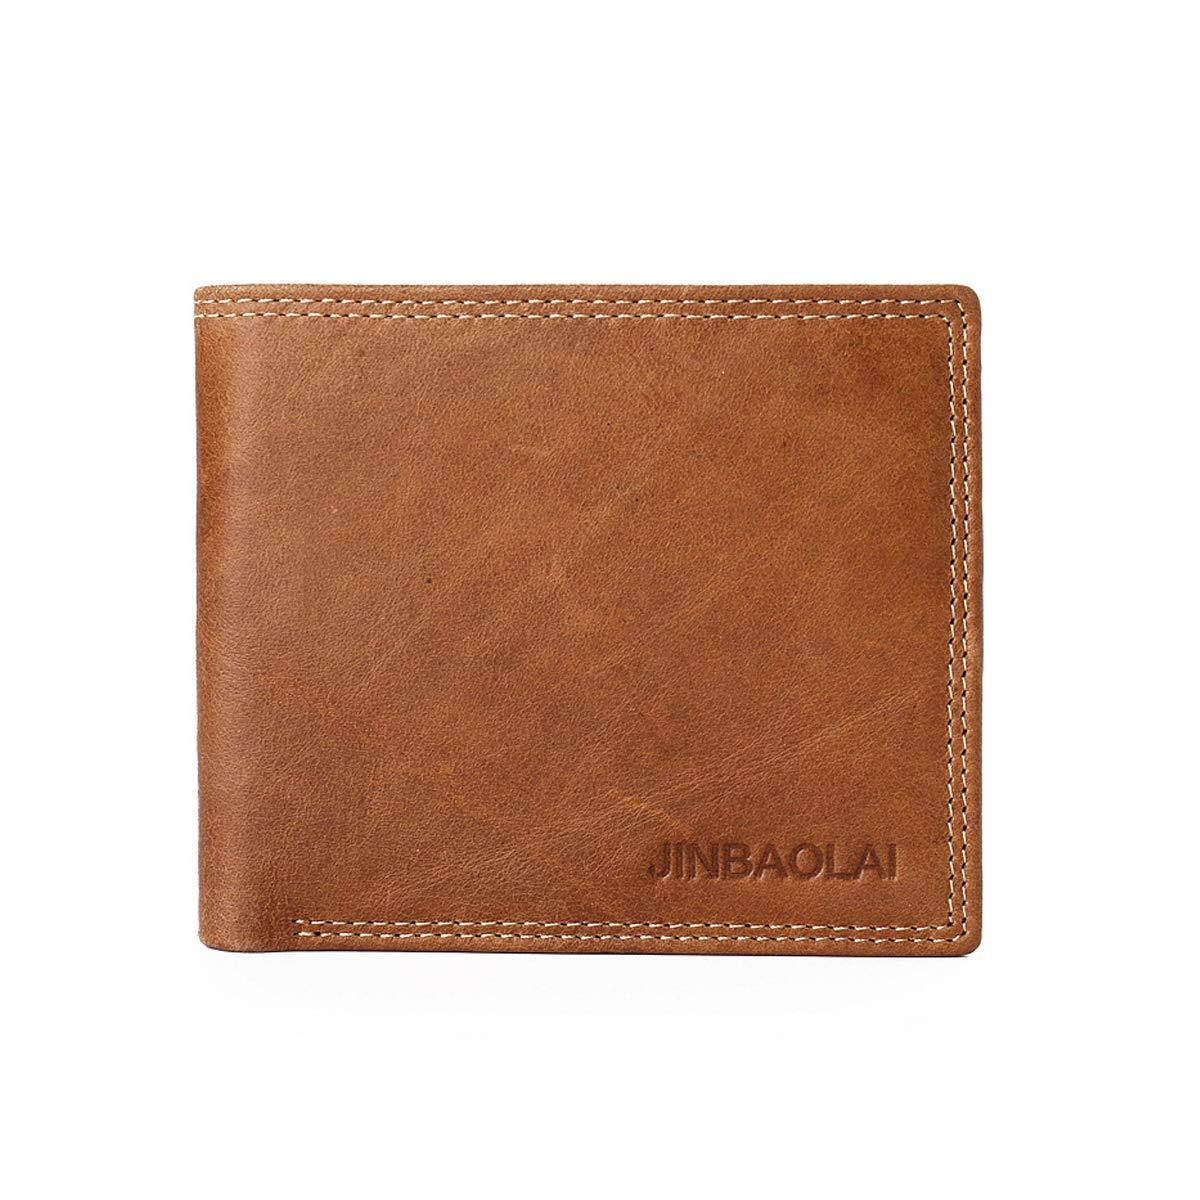 7b3693cba3641 TRAVANDO Money Clip Wallet